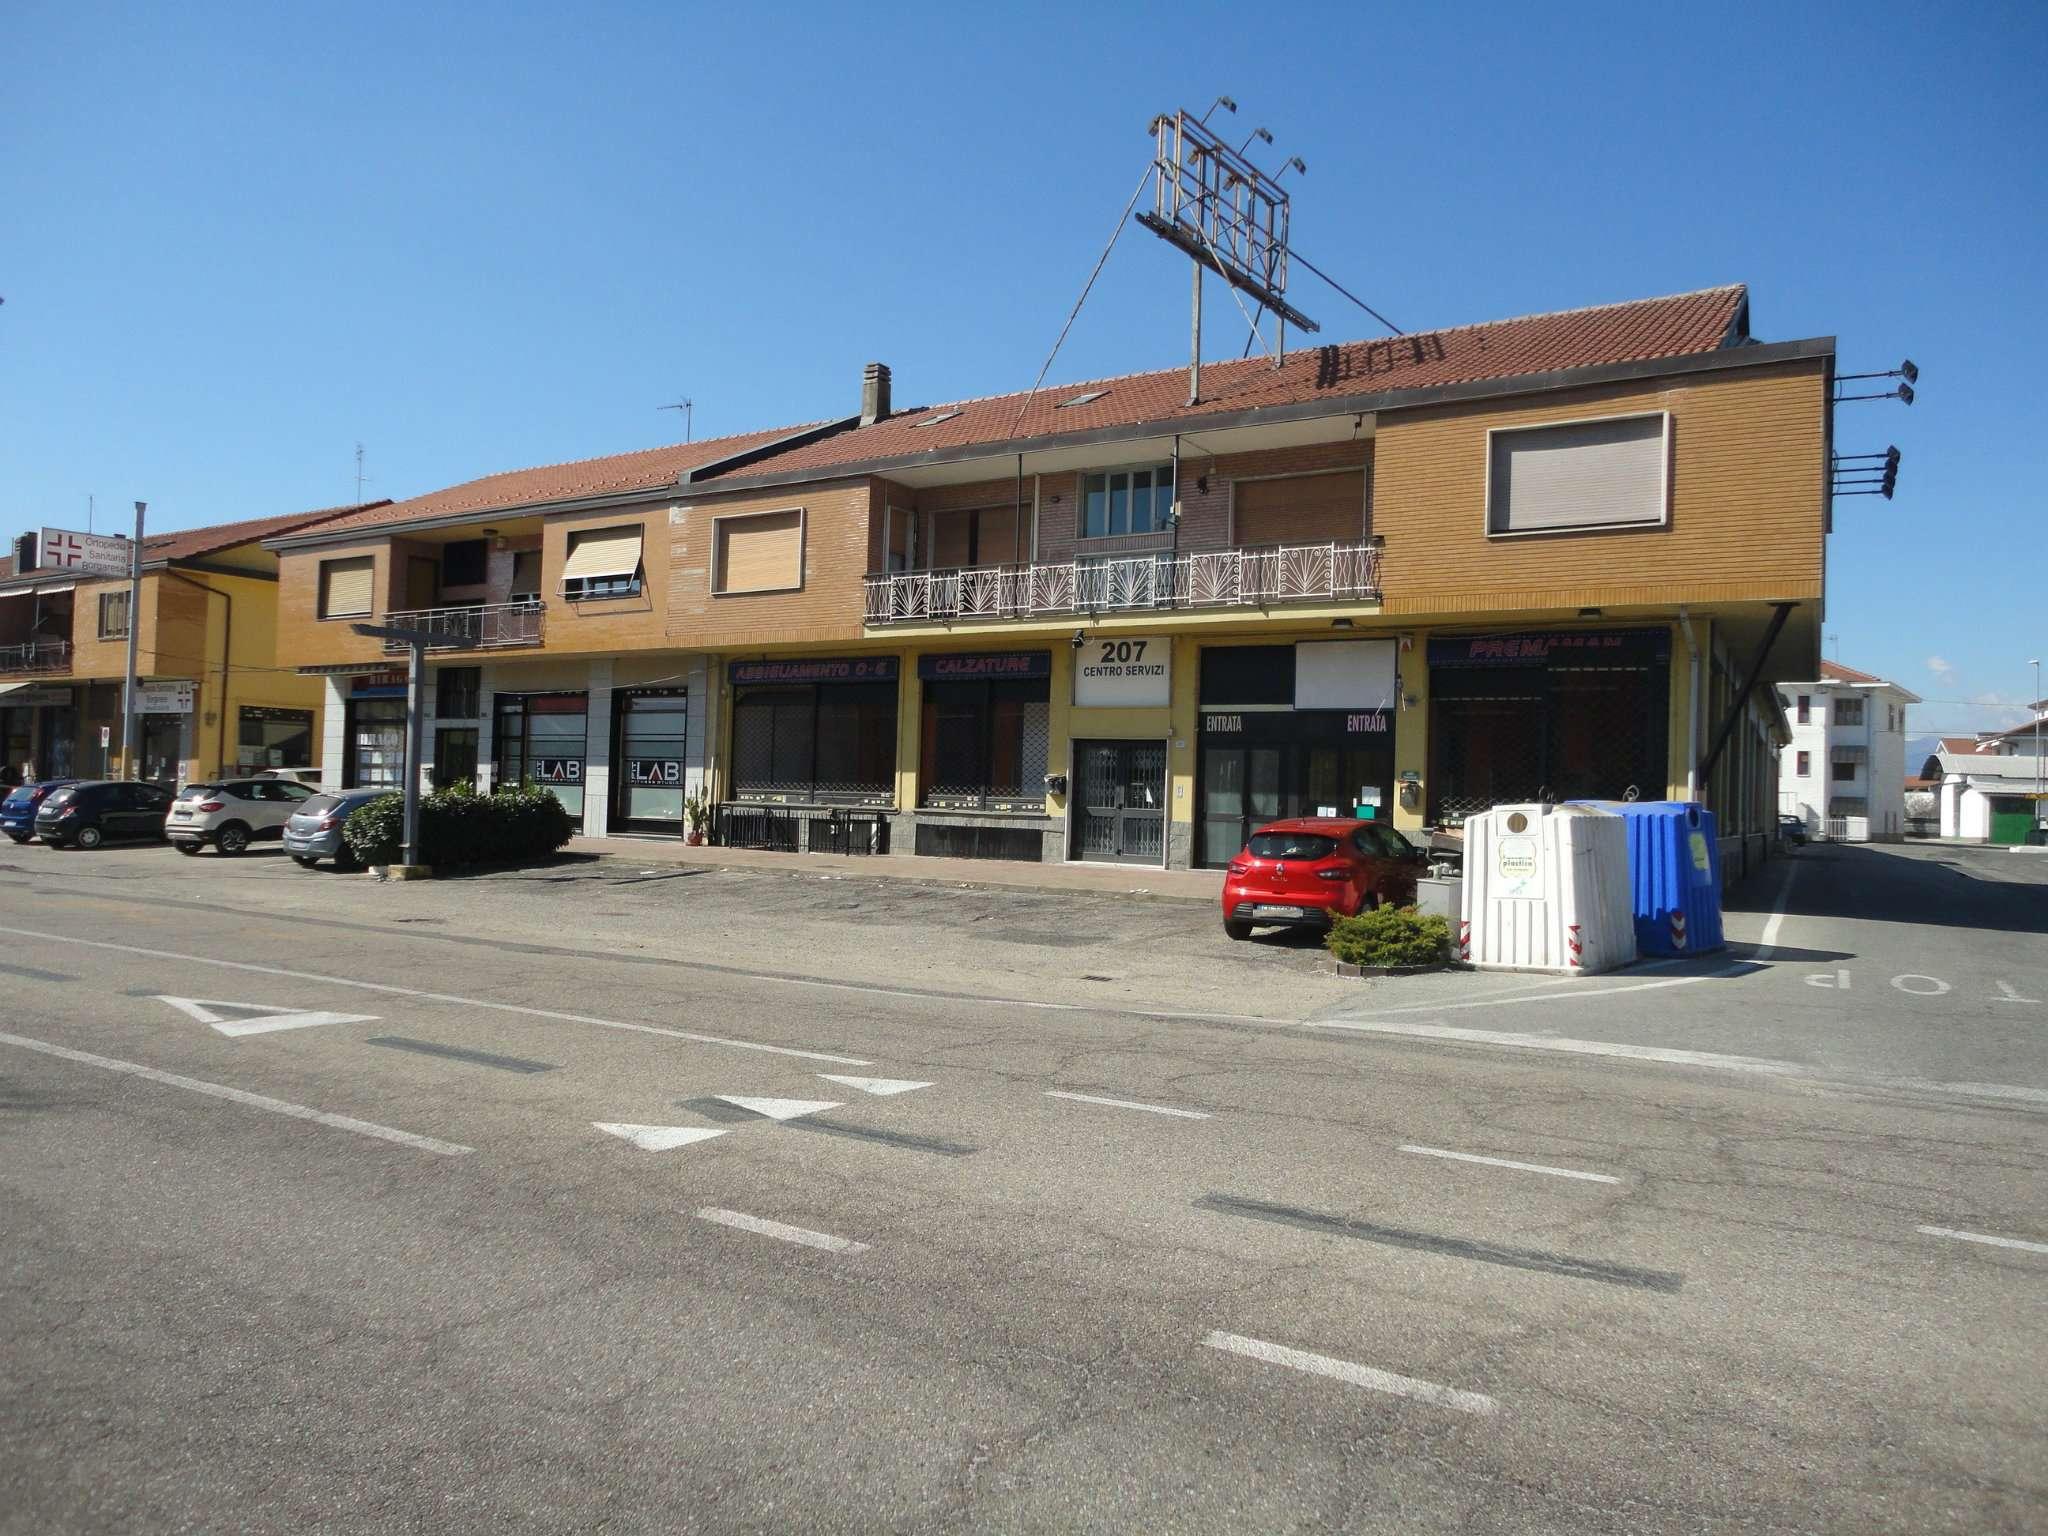 Negozio / Locale in vendita a Borgaro Torinese, 10 locali, prezzo € 690.000 | PortaleAgenzieImmobiliari.it